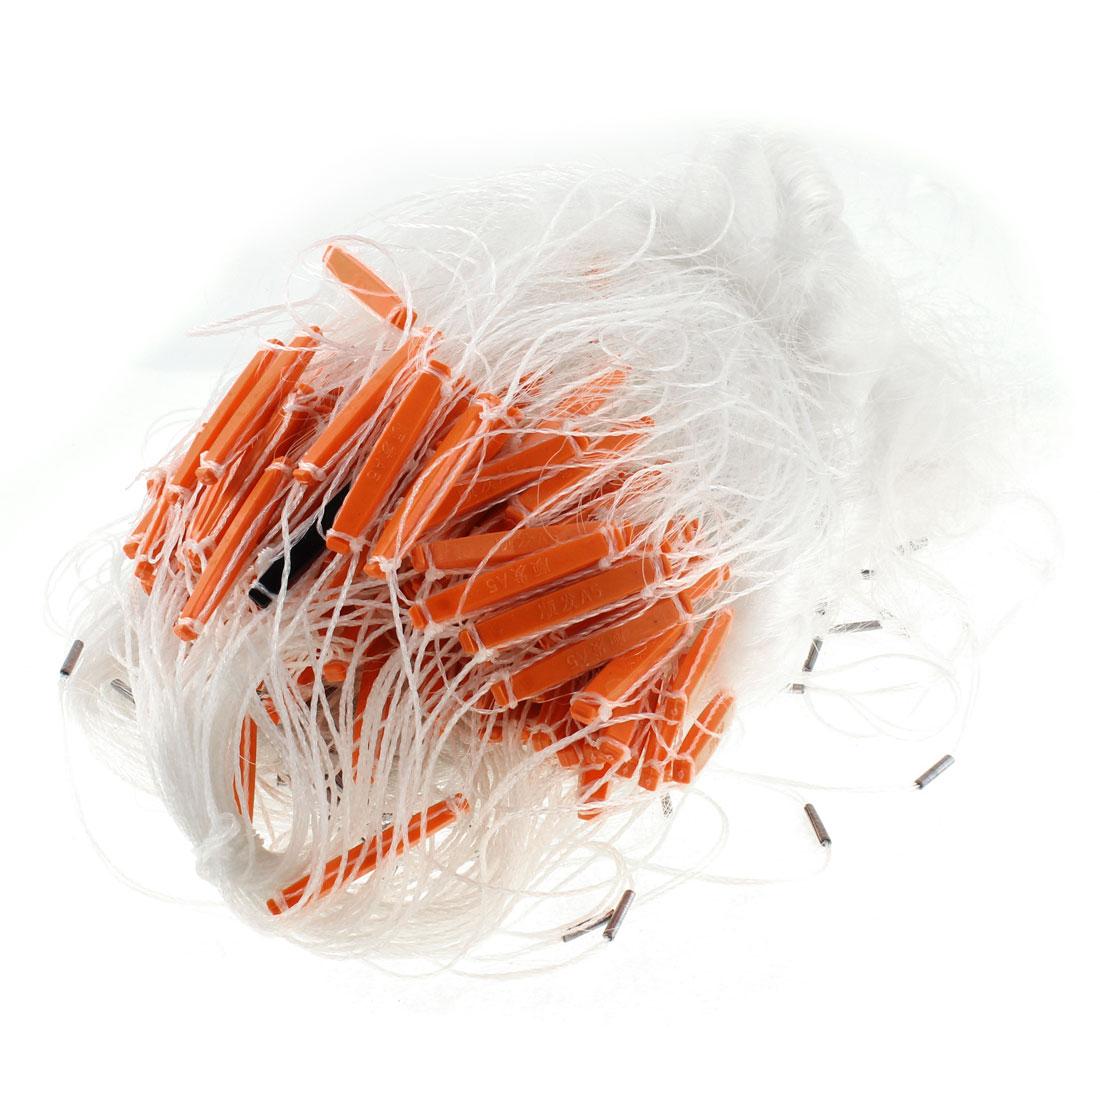 Plastic Floater Nylon Knotting Mesh Fishing Net 60M x 2M